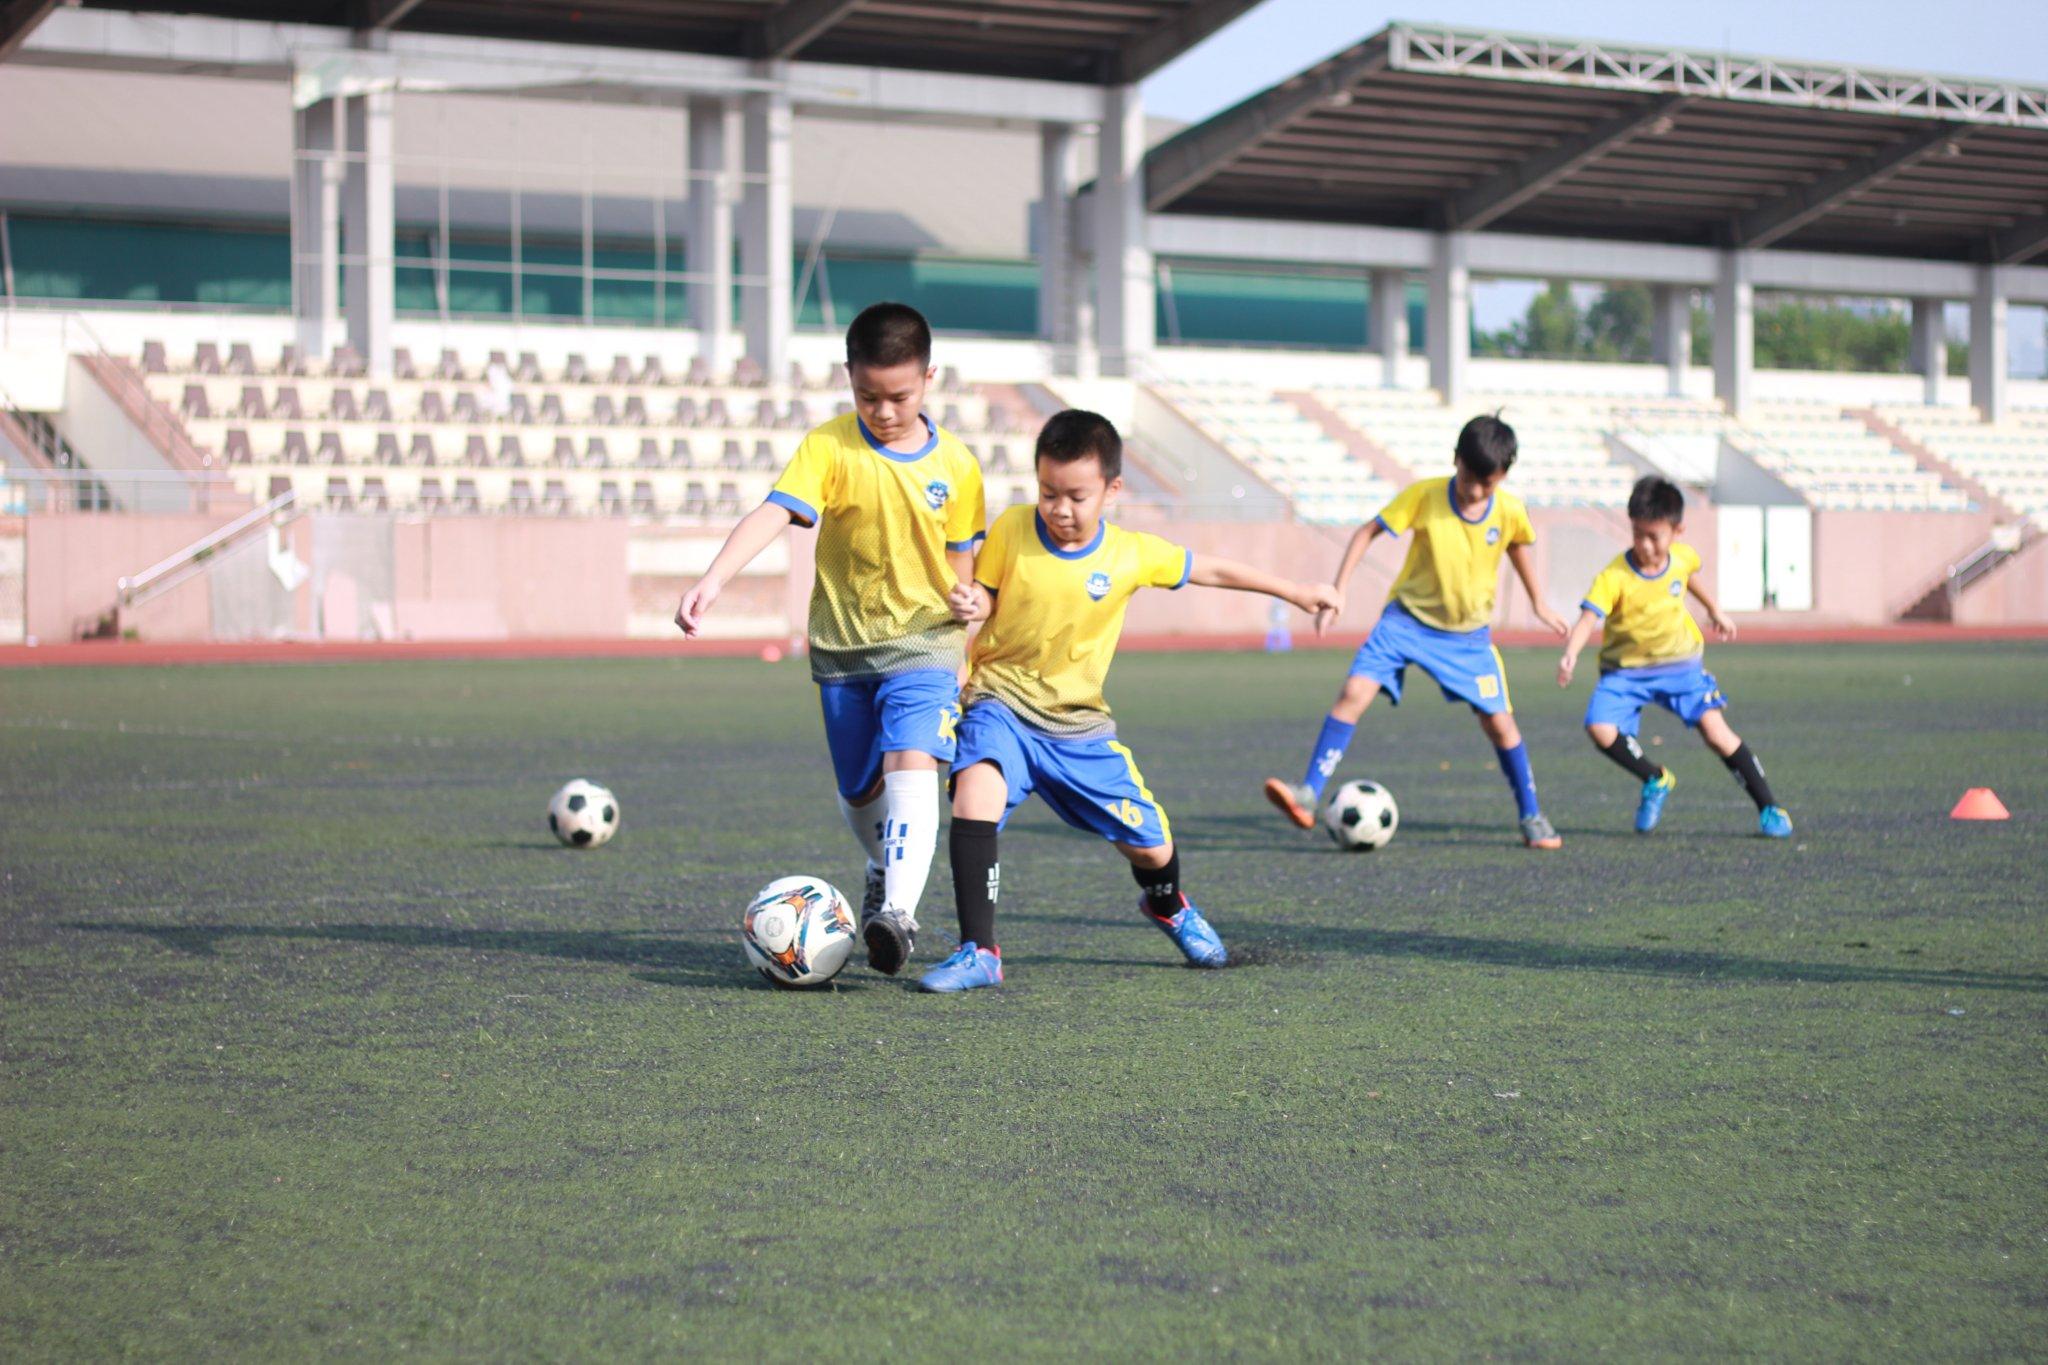 địa chỉ học bóng đá cho trẻ